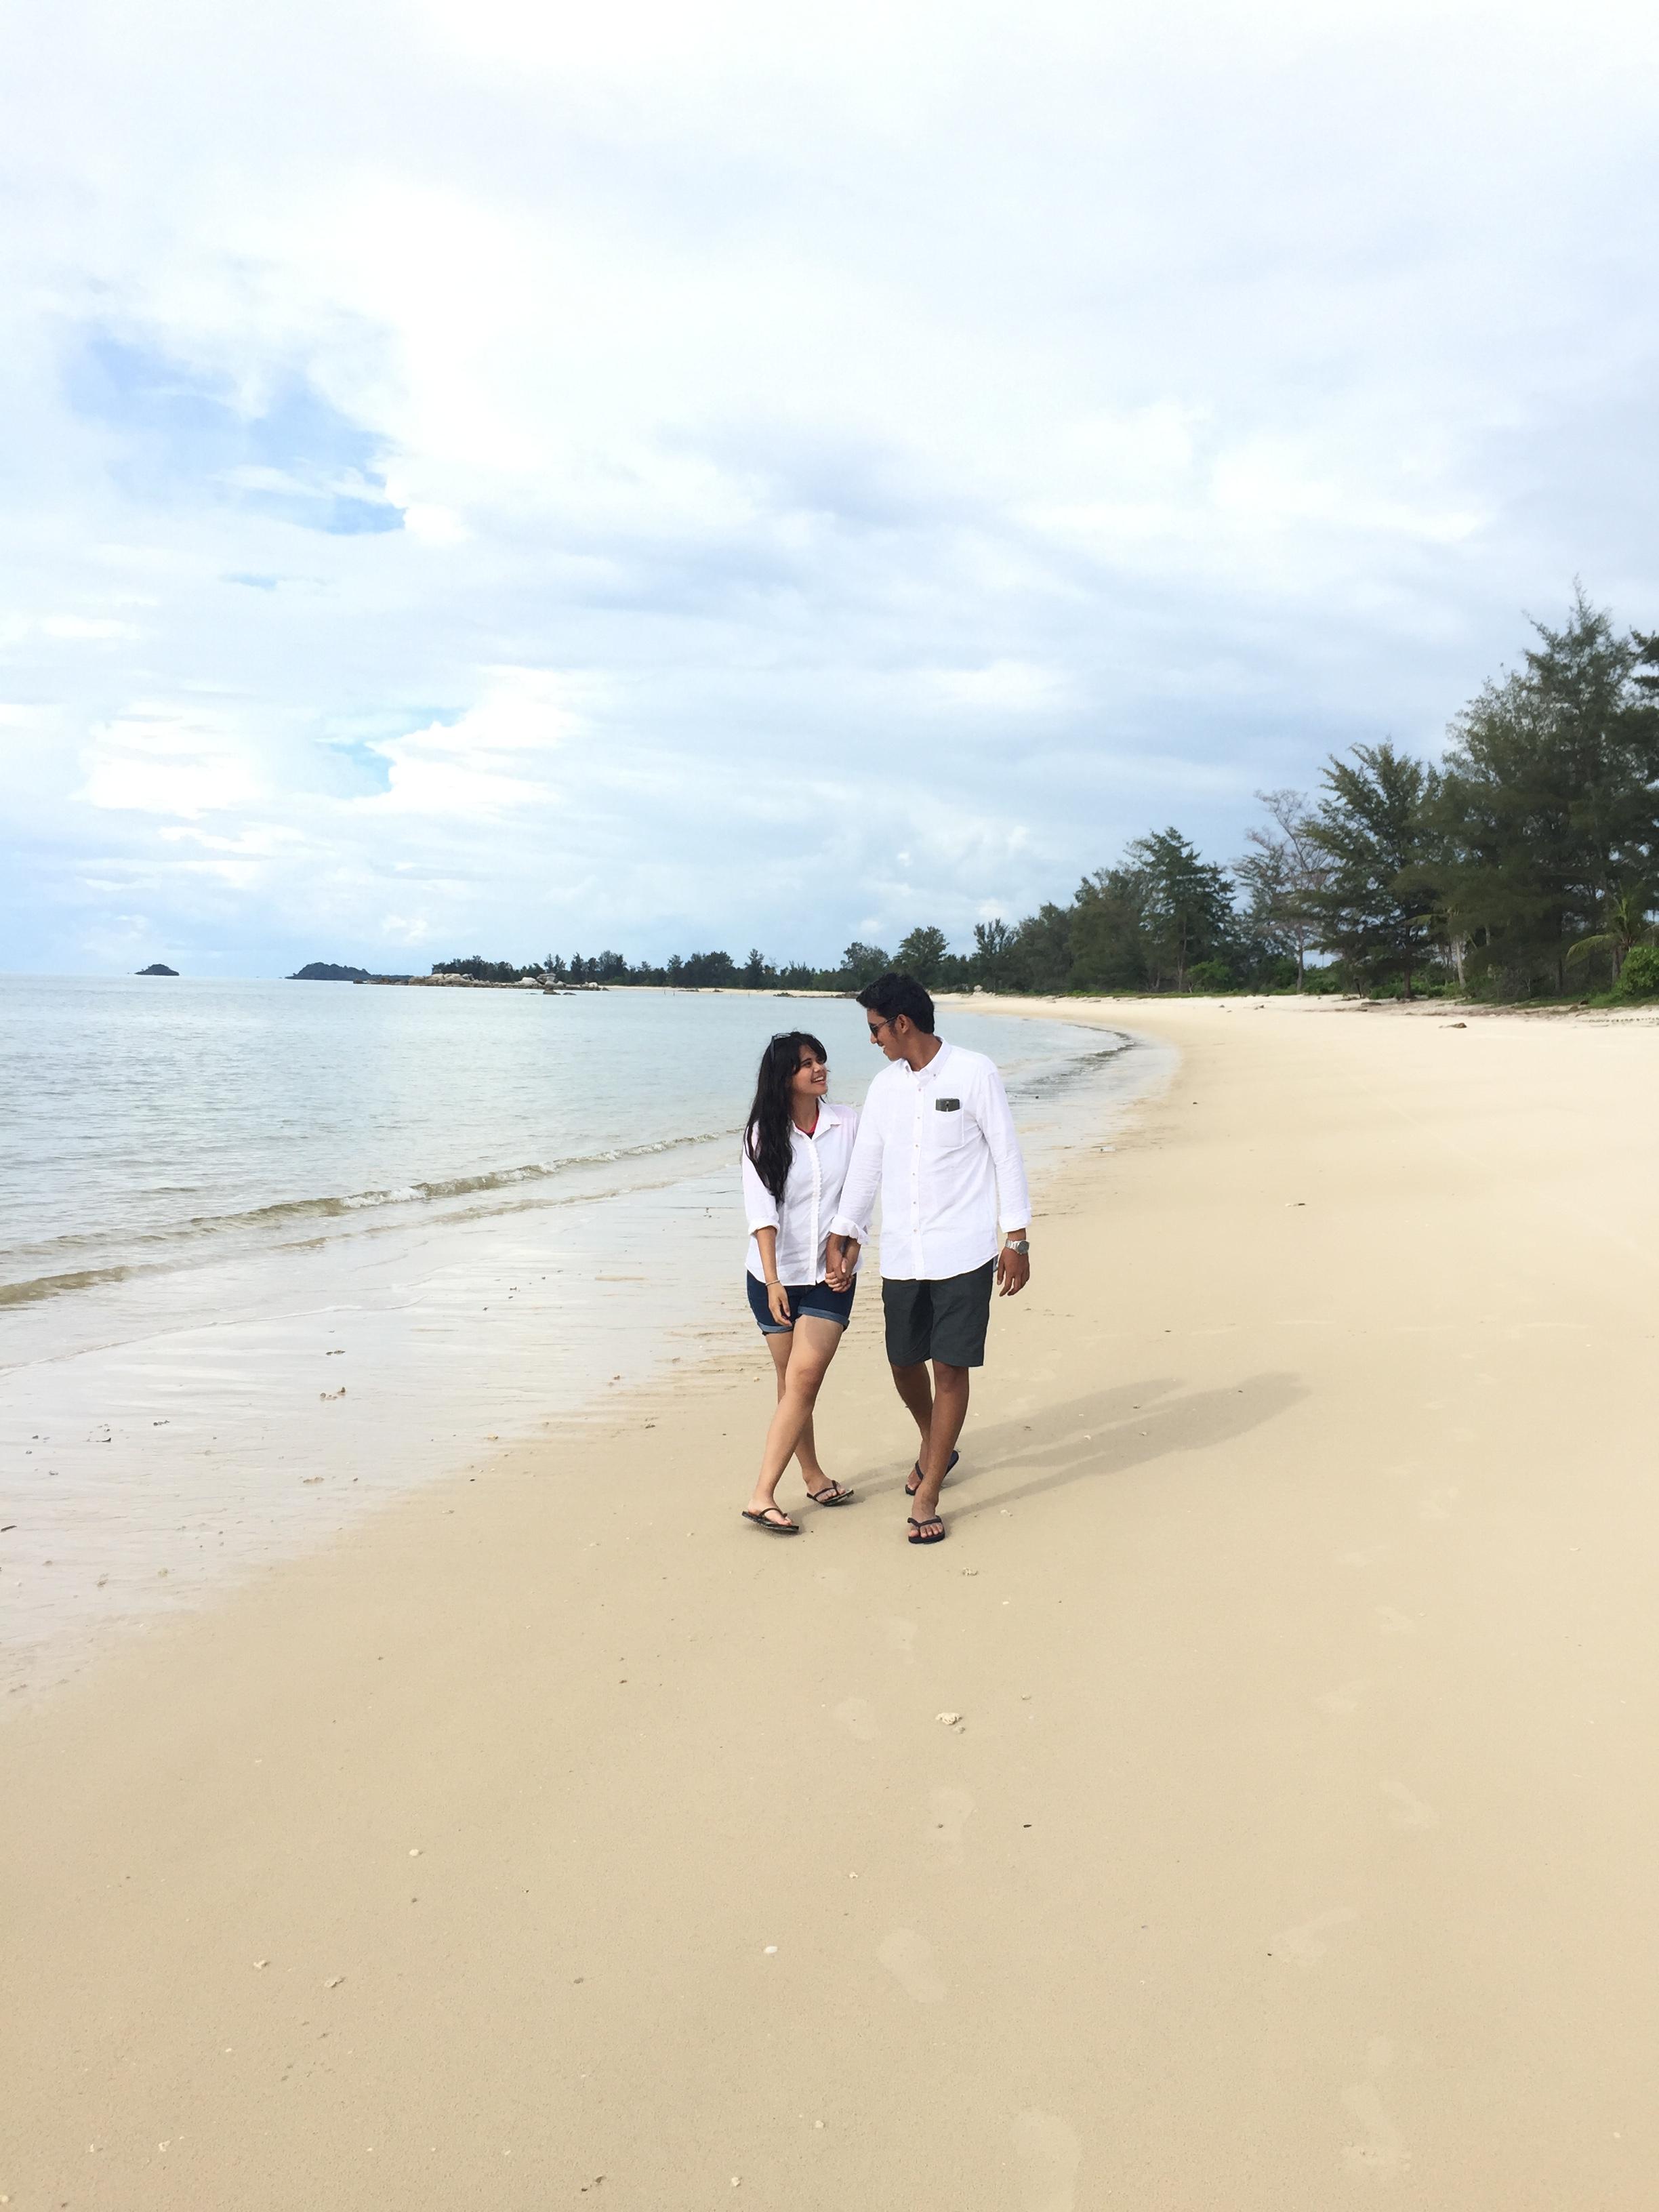 Paket Wisata Pulau Belitung 4 Days 3 Nights